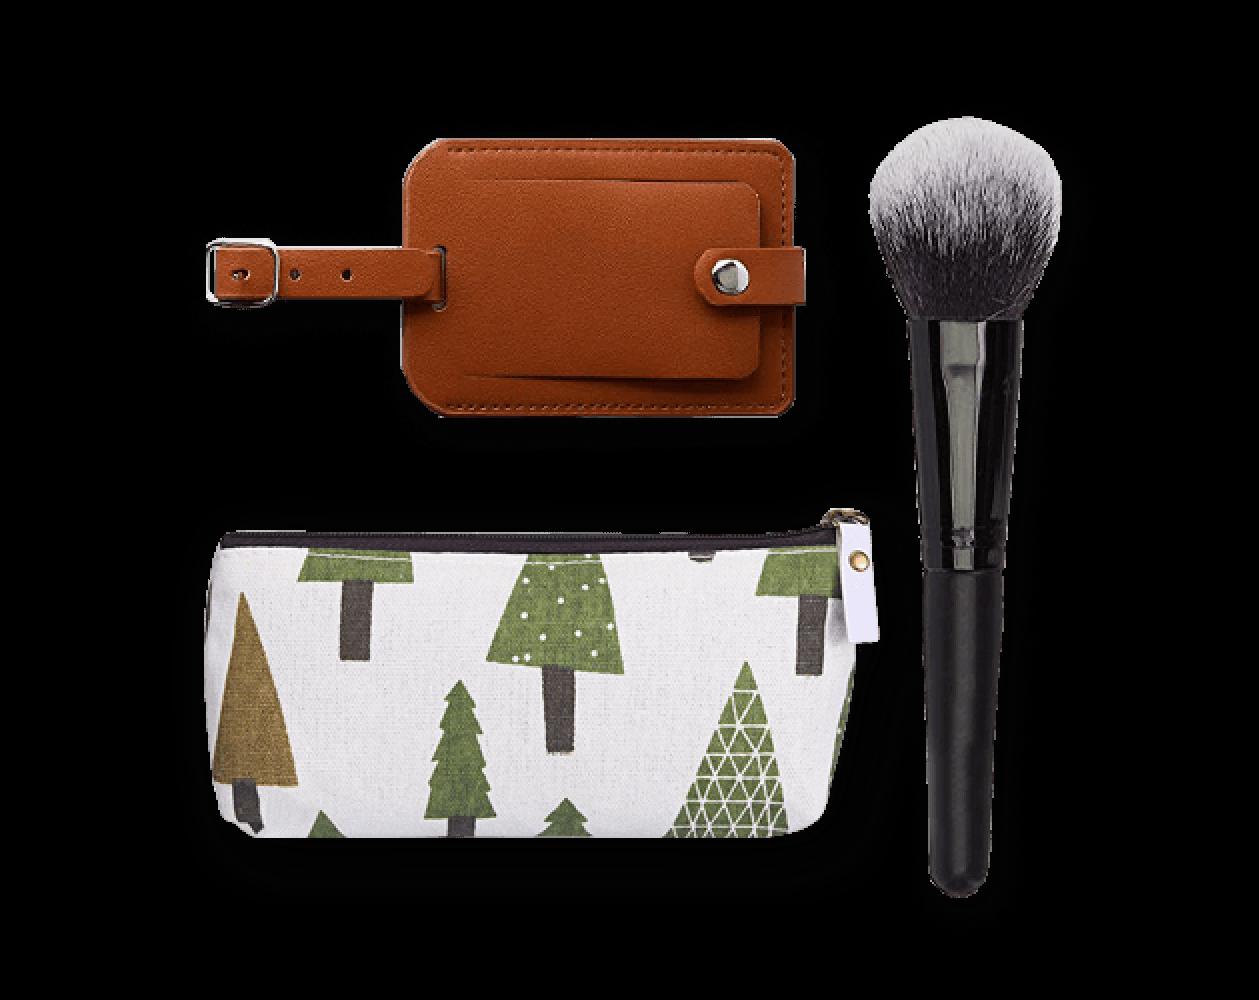 etichetta bagagli, piccola borsa, pennello trucco